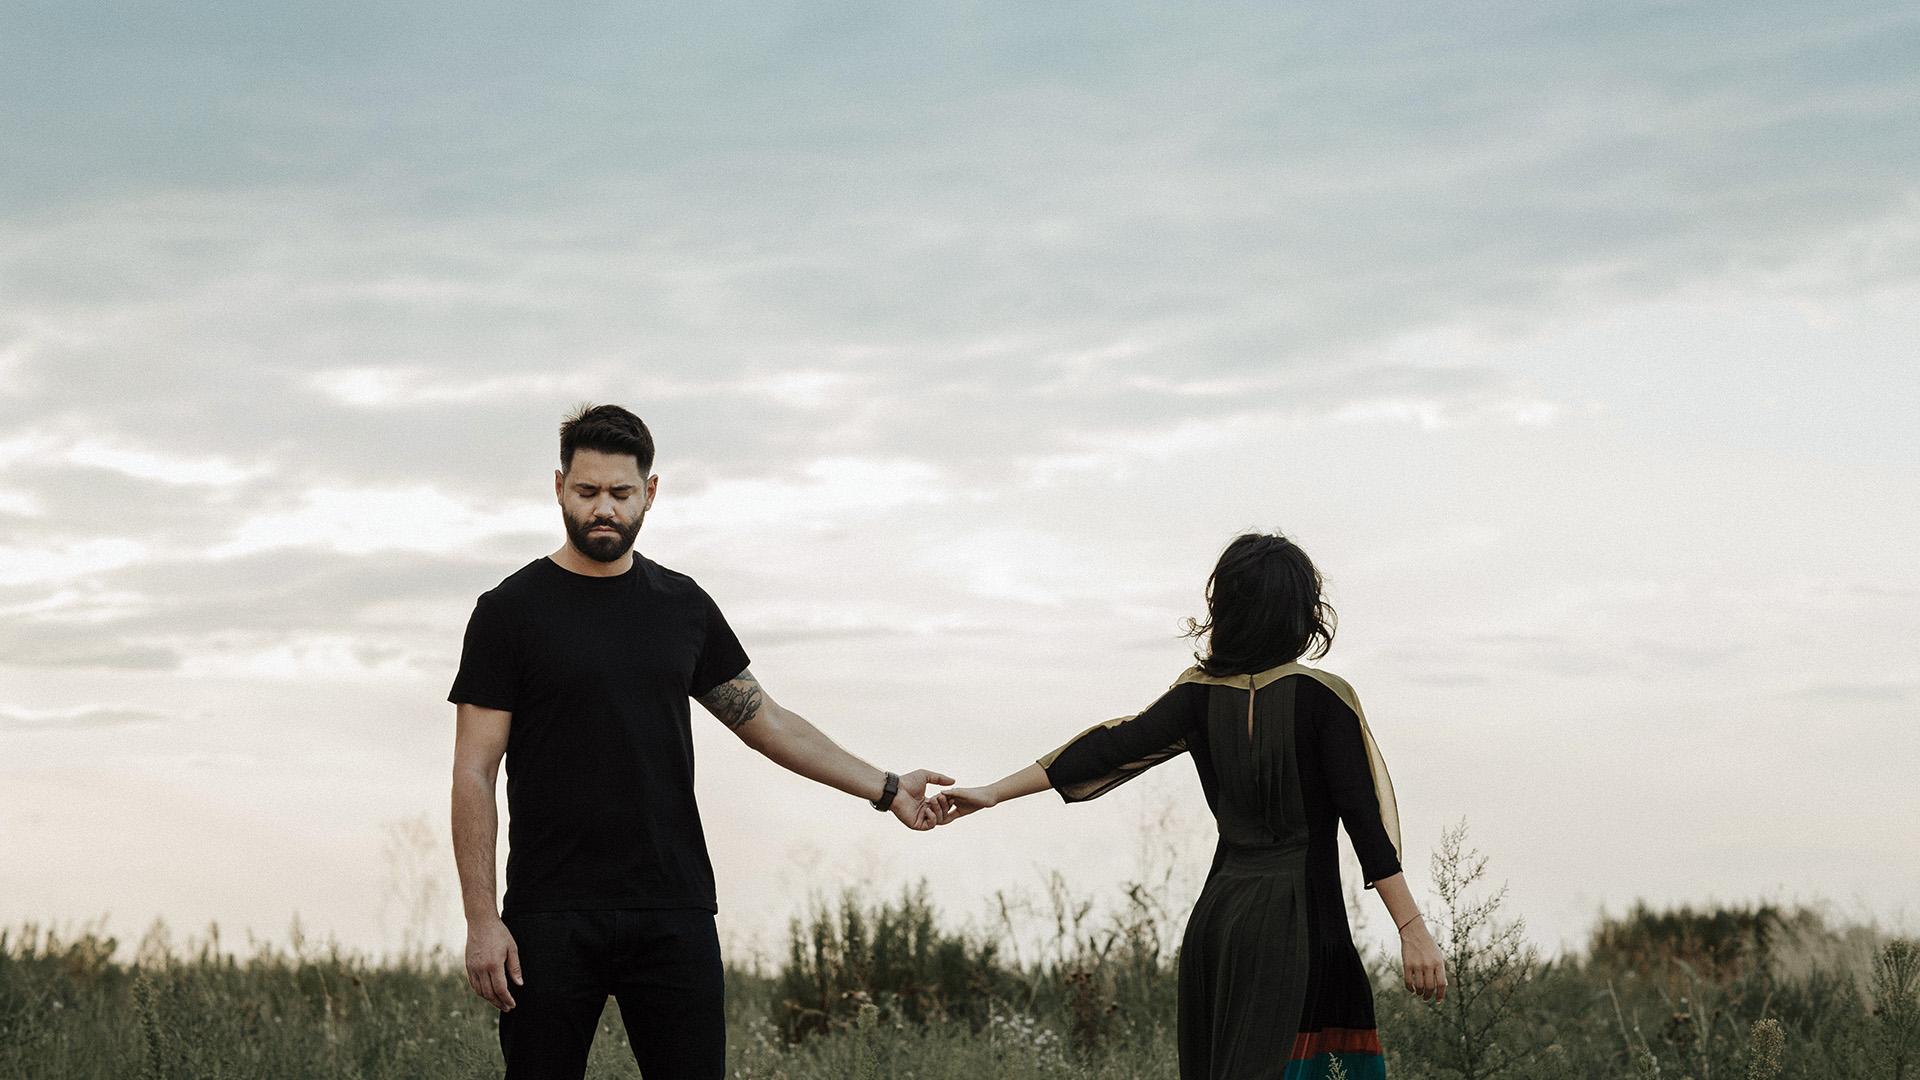 békülés lélek párkapcsolat szakítás